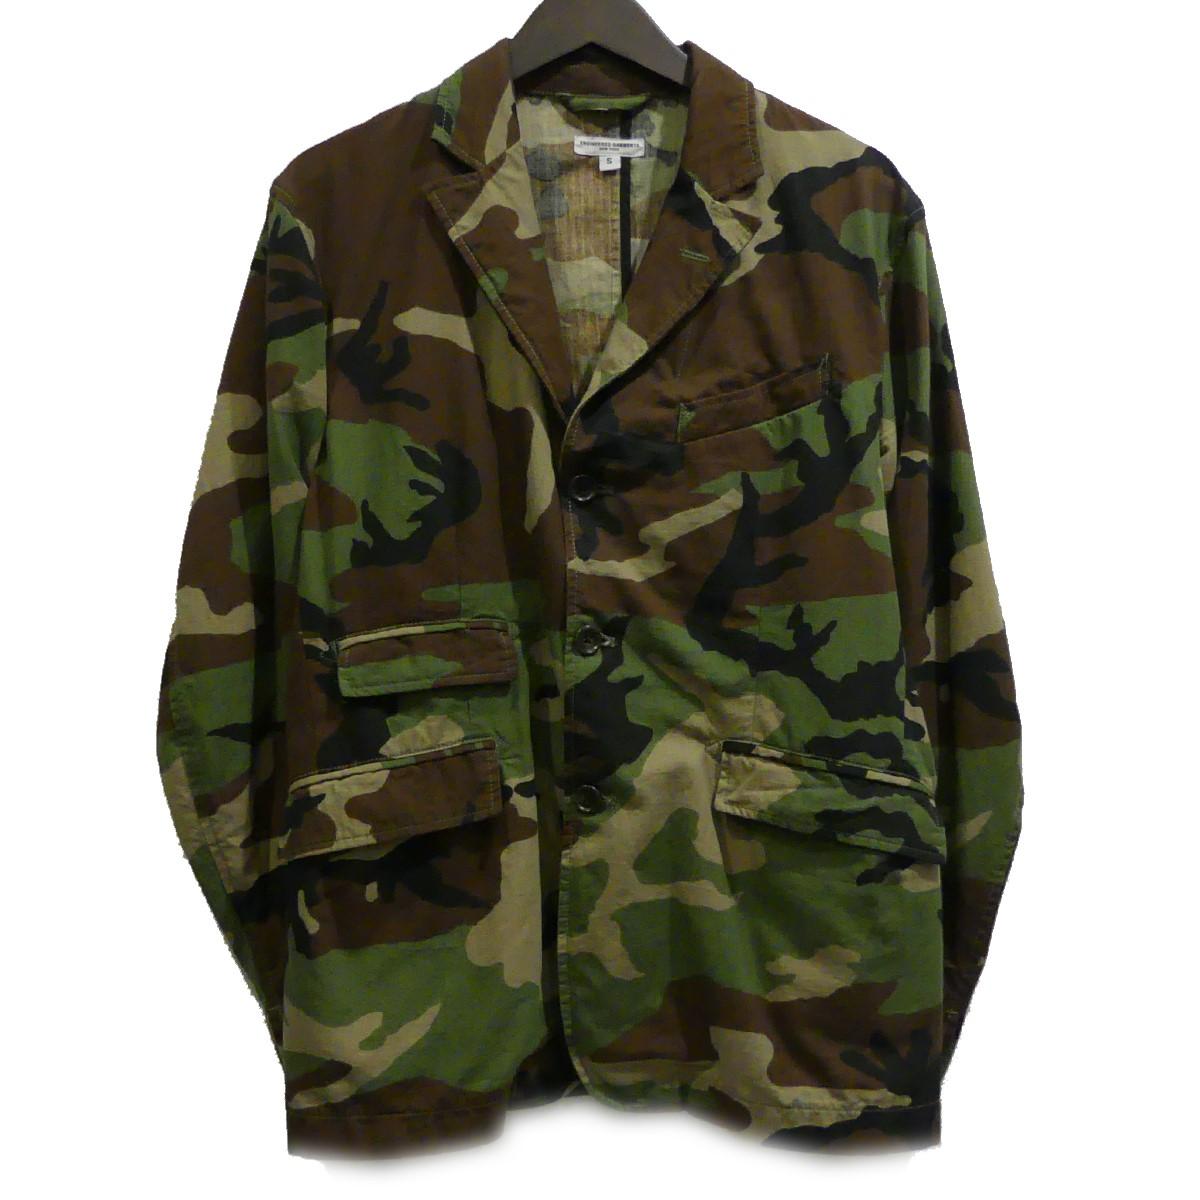 【中古】Engineered Garments LOFTMAN別注 カモフラージュ アンドーバー ジャケット カーキ サイズ:S 【300420】(エンジニアードガーメンツ)